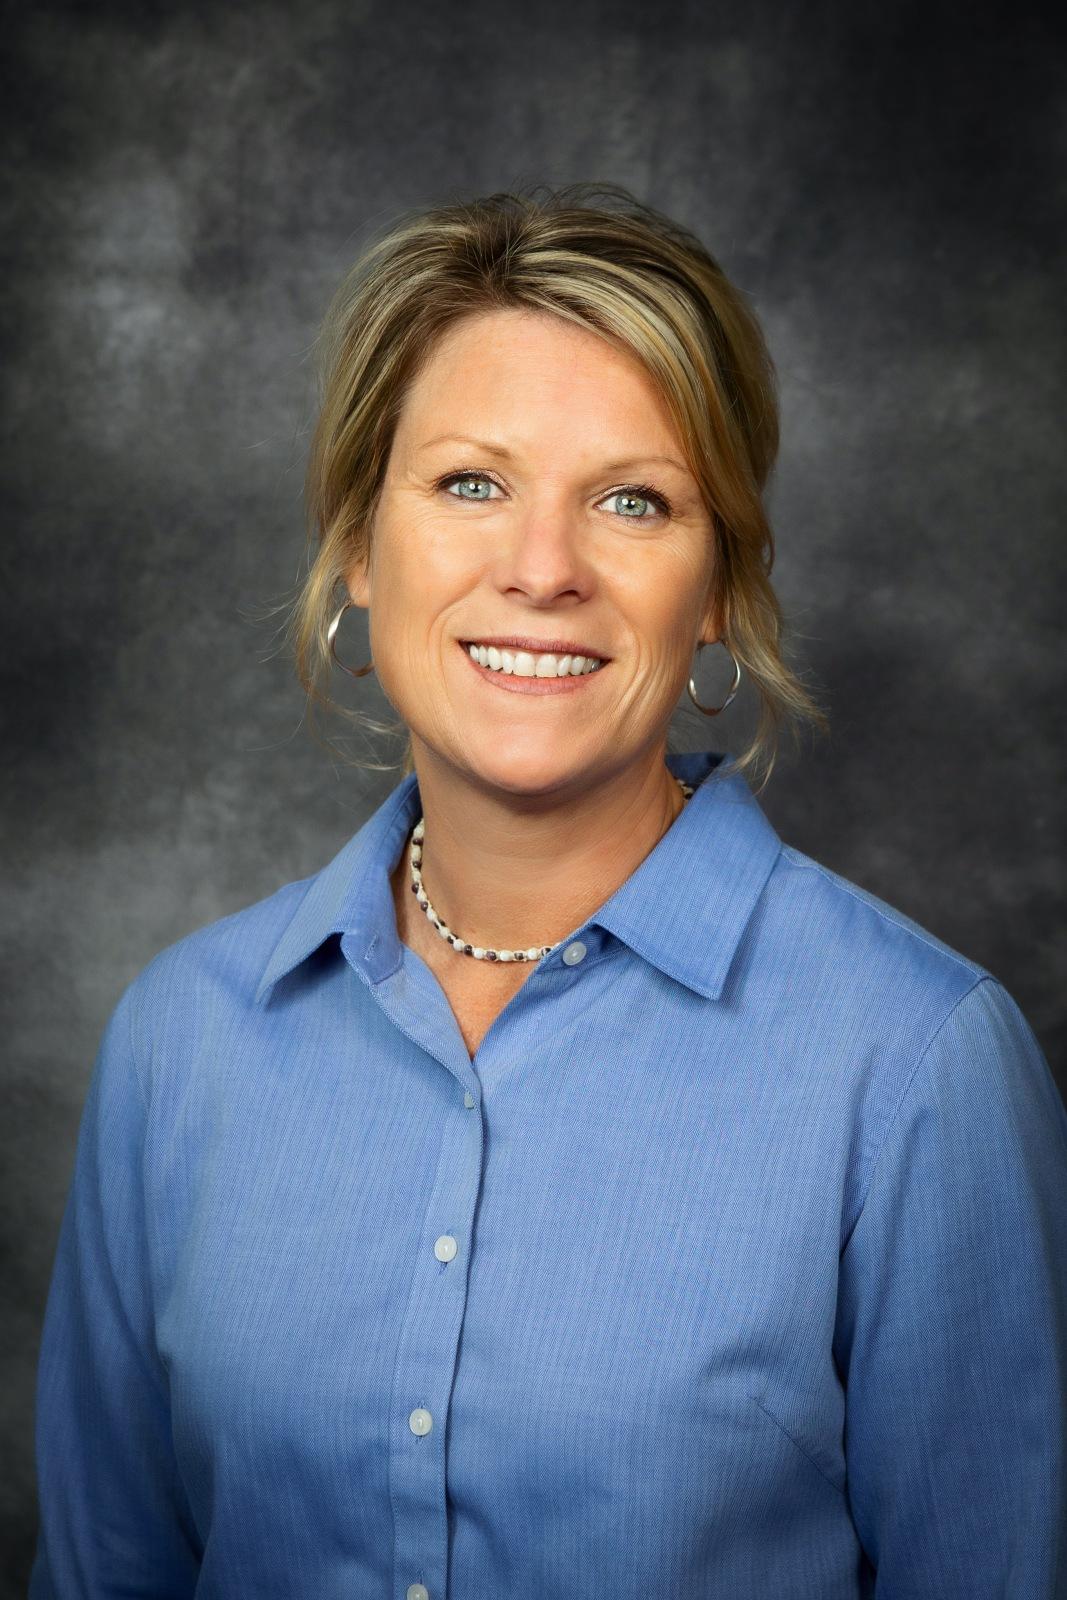 Dana Wakeland